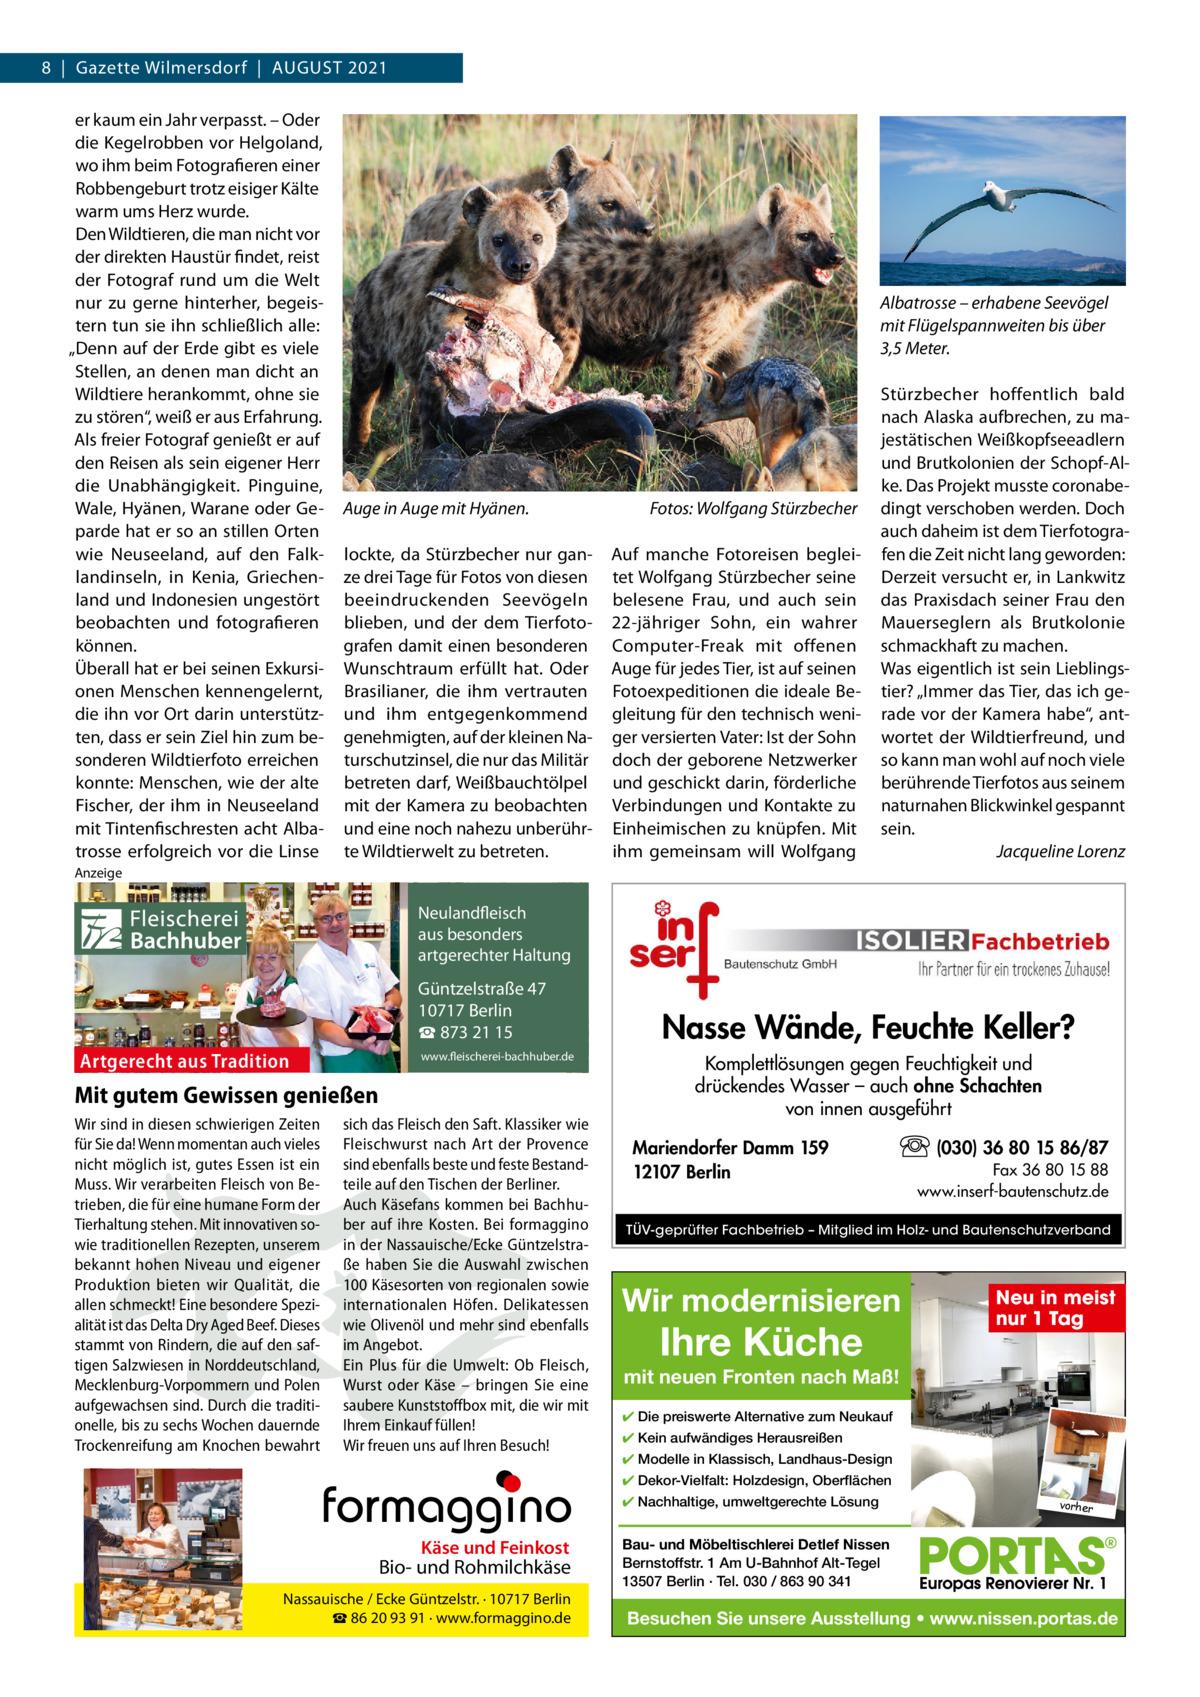 """8 Gazette Wilmersdorf AuGust 2021 er kaum ein Jahr verpasst. – Oder die Kegelrobben vor Helgoland, wo ihm beim Fotografieren einer Robbengeburt trotz eisiger Kälte warm ums Herz wurde. Den Wildtieren, die man nicht vor der direkten Haustür findet, reist der Fotograf rund um die Welt nur zu gerne hinterher, begeistern tun sie ihn schließlich alle: """"Denn auf der Erde gibt es viele stellen, an denen man dicht an Wildtiere herankommt, ohne sie zu stören"""", weiß er aus Erfahrung. Als freier Fotograf genießt er auf den Reisen als sein eigener Herr die unabhängigkeit. Pinguine, Wale, Hyänen, Warane oder Geparde hat er so an stillen Orten wie Neuseeland, auf den Falklandinseln, in Kenia, Griechenland und Indonesien ungestört beobachten und fotografieren können. Überall hat er bei seinen Exkursionen Menschen kennengelernt, die ihn vor Ort darin unterstützten, dass er sein Ziel hin zum besonderen Wildtierfoto erreichen konnte: Menschen, wie der alte Fischer, der ihm in Neuseeland mit tintenfischresten acht Albatrosse erfolgreich vor die Linse  Albatrosse – erhabene Seevögel mit Flügelspannweiten bis über 3,5Meter.  Auge in Auge mit Hyänen. lockte, da stürzbecher nur ganze drei tage für Fotos von diesen beeindruckenden seevögeln blieben, und der dem tierfotografen damit einen besonderen Wunschtraum erfüllt hat. Oder Brasilianer, die ihm vertrauten und ihm entgegenkommend genehmigten, auf der kleinen Naturschutzinsel, die nur das Militär betreten darf, Weißbauchtölpel mit der Kamera zu beobachten und eine noch nahezu unberührte Wildtierwelt zu betreten.  Fotos: Wolfgang Stürzbecher Auf manche Fotoreisen begleitet Wolfgang stürzbecher seine belesene Frau, und auch sein 22-jähriger sohn, ein wahrer Computer-Freak mit offenen Auge für jedes tier, ist auf seinen Fotoexpeditionen die ideale Begleitung für den technisch weniger versierten Vater: Ist der sohn doch der geborene Netzwerker und geschickt darin, förderliche Verbindungen und Kontakte zu Einheimischen zu knüpfen. Mit ihm gem"""